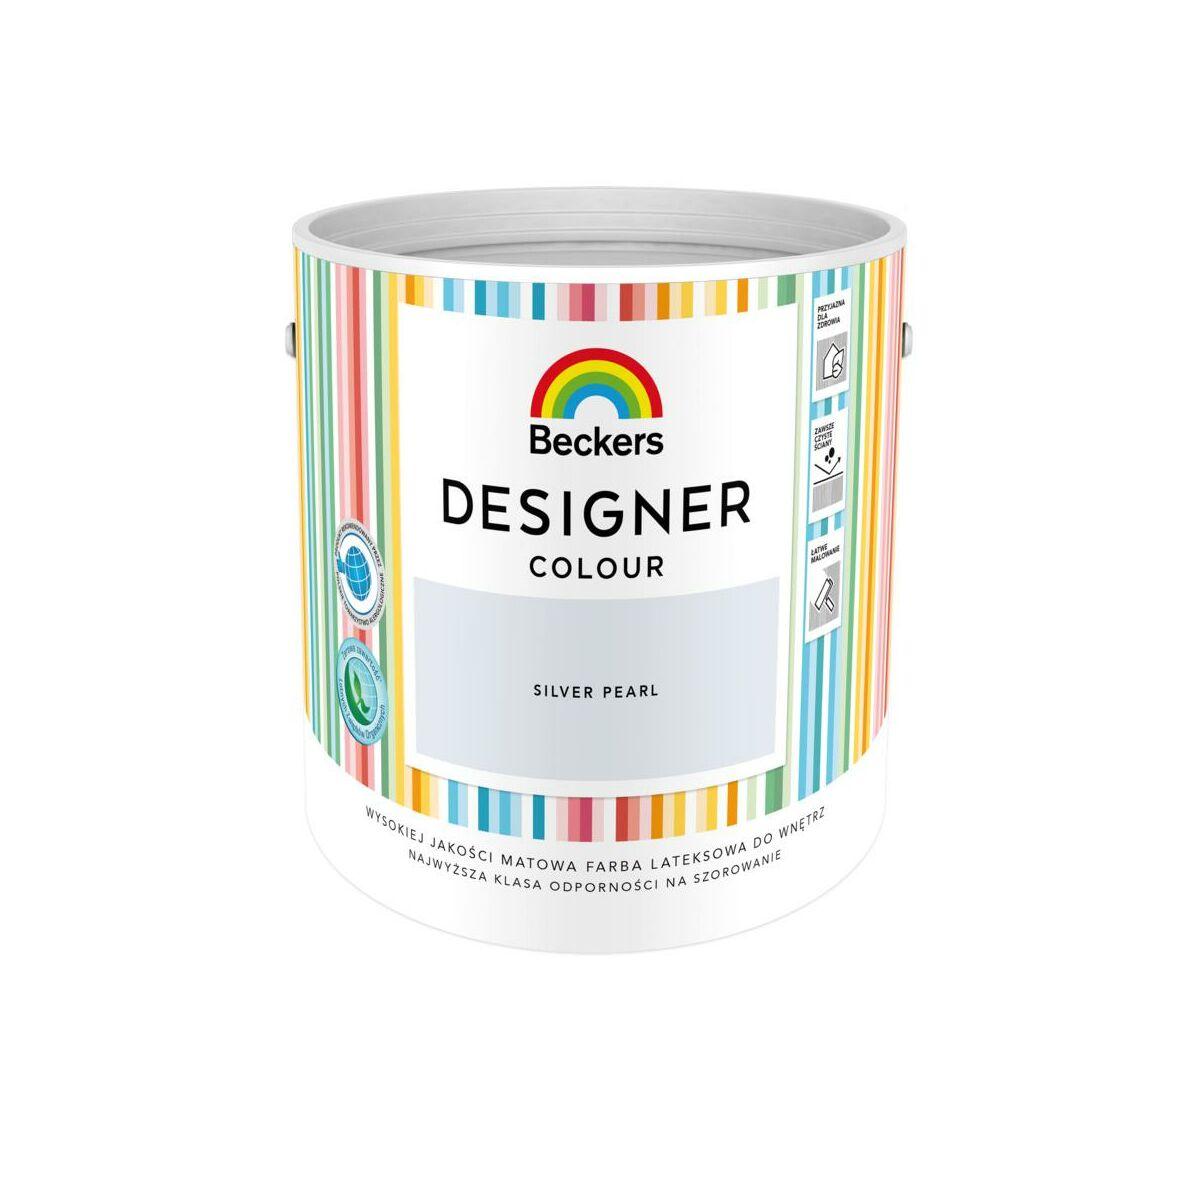 Farba Wewnetrzna Designer Colour 2 5 L Silver Pearl Beckers Farby Scienne Kolorowe W Atrakcyjnej Cenie W Sklepach Leroy Merlin